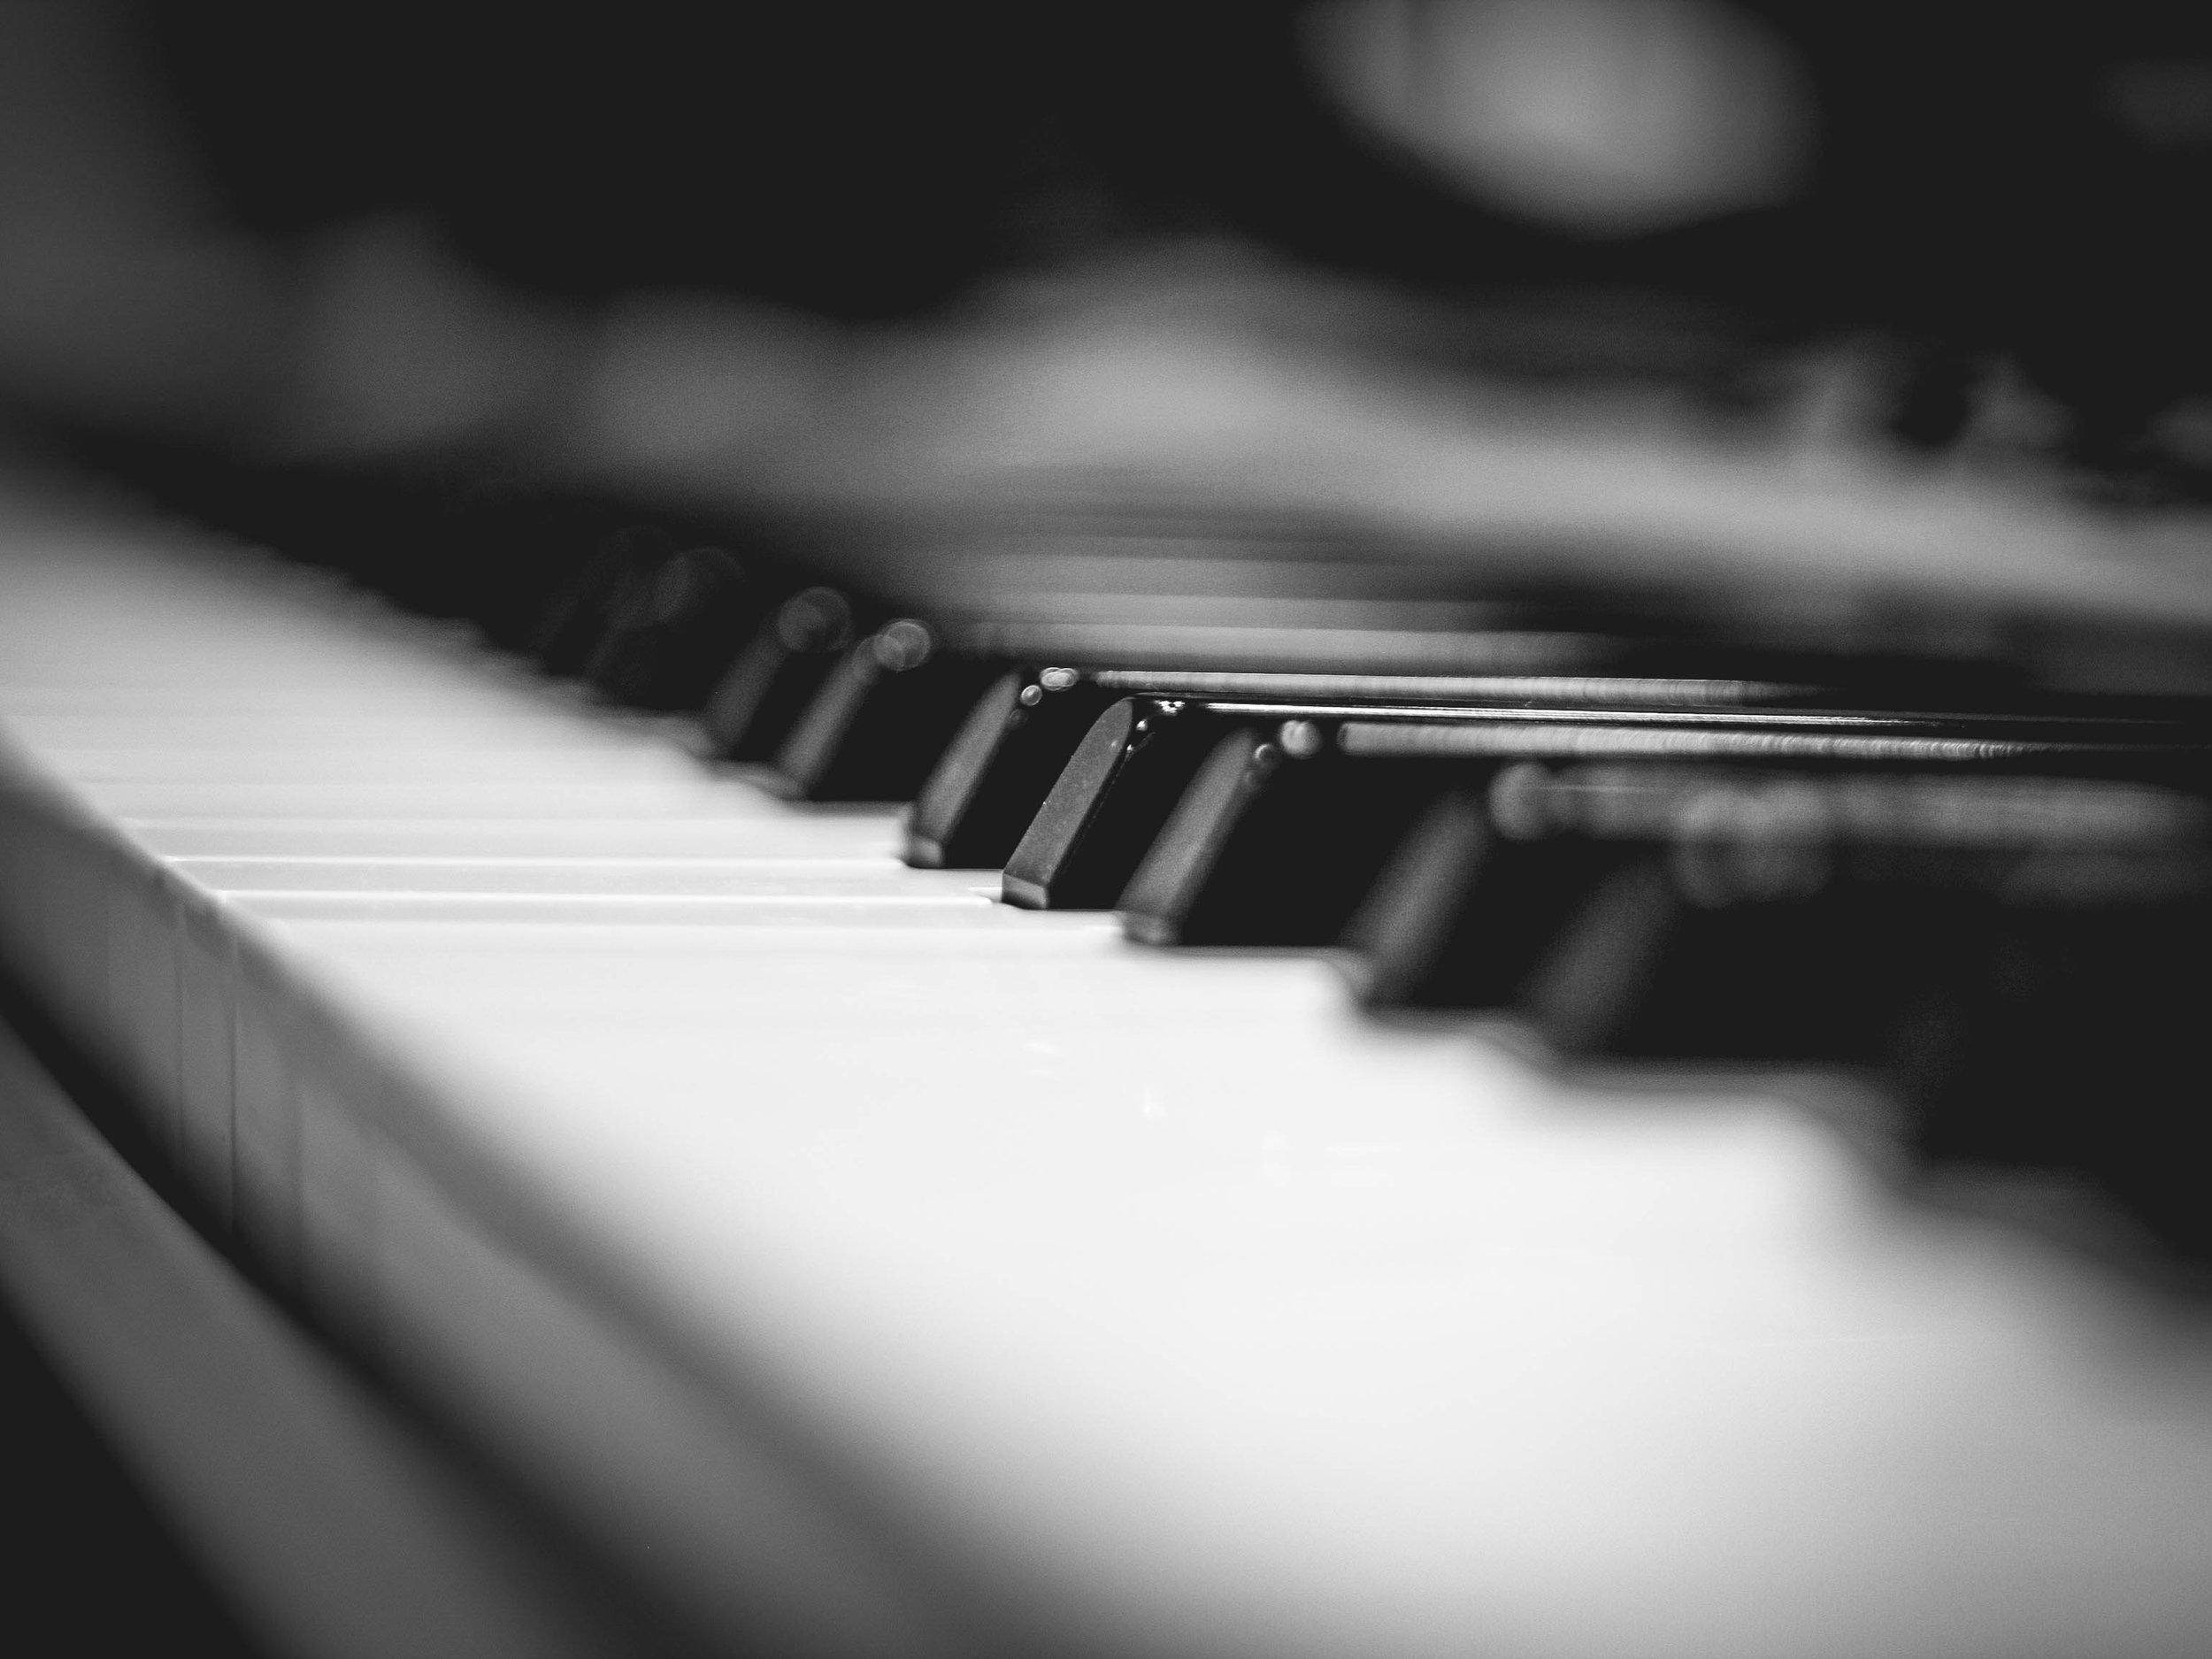 black-and-white-piano-keyboard-586415.jpg